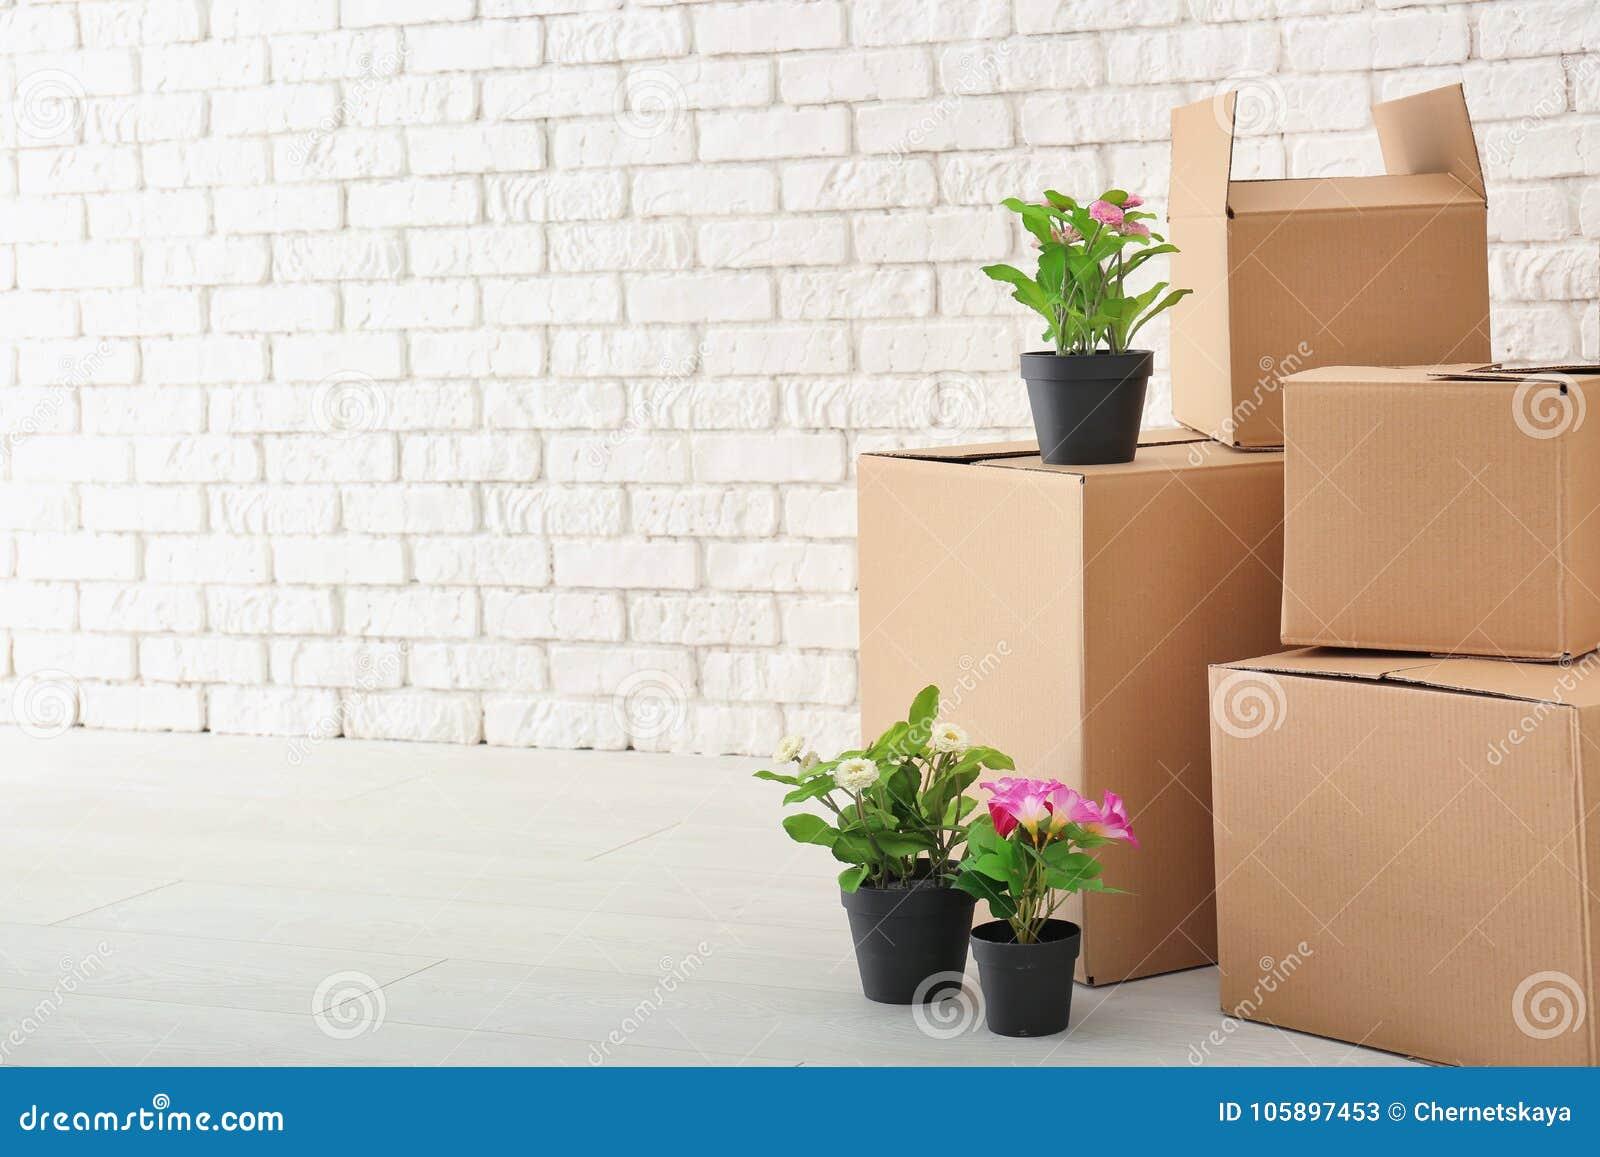 Έννοια σπιτιών κίνησης Κιβώτια και περιουσίες χαρτοκιβωτίων